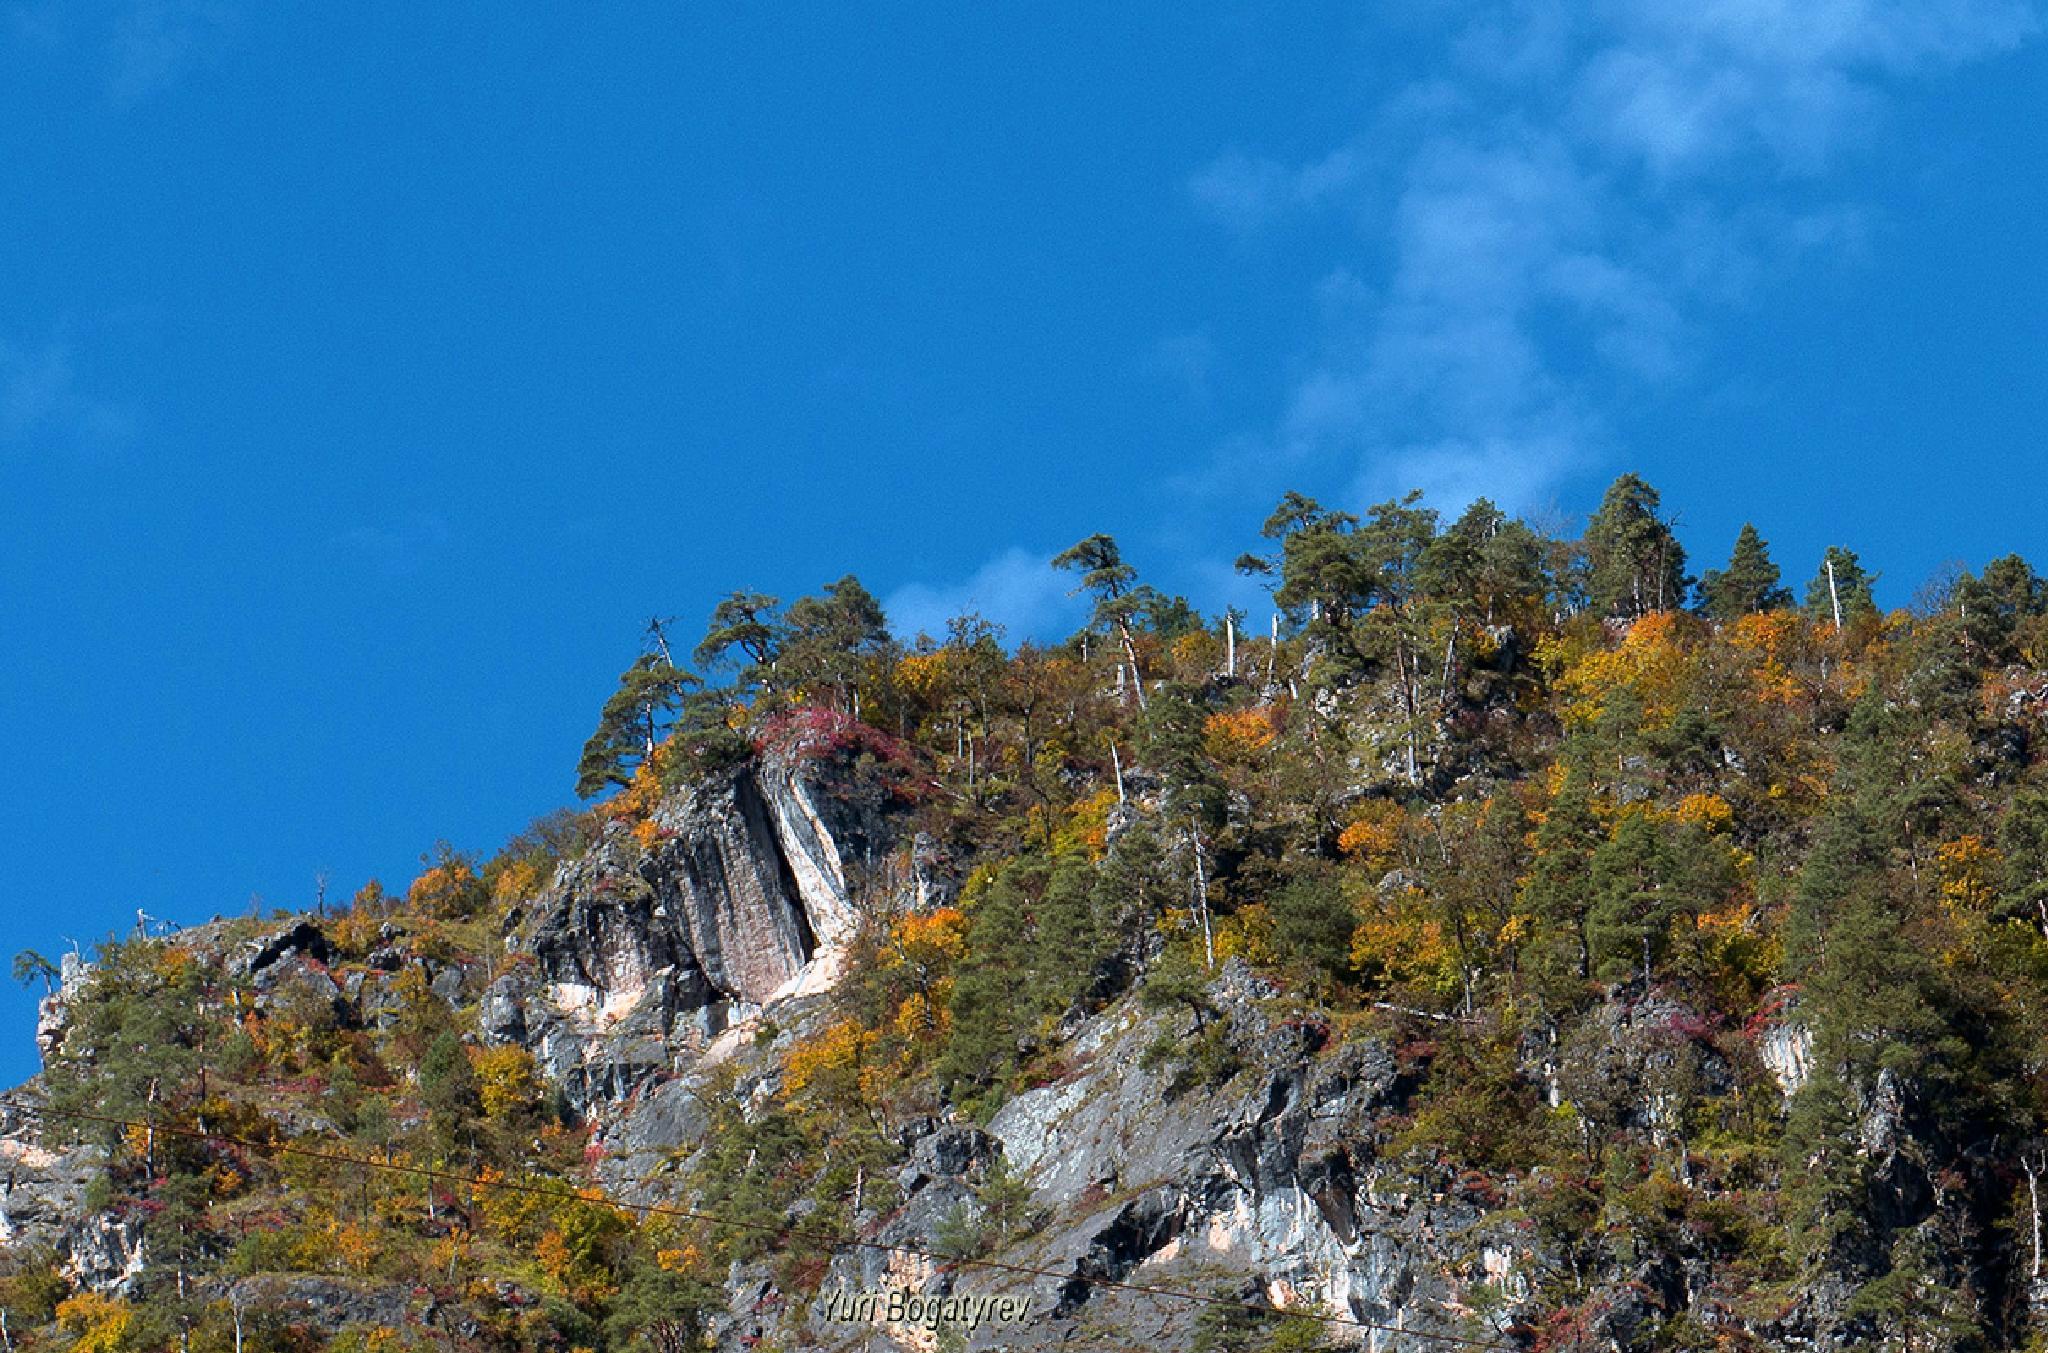 Высоко в горах. by Юрий Богатырев